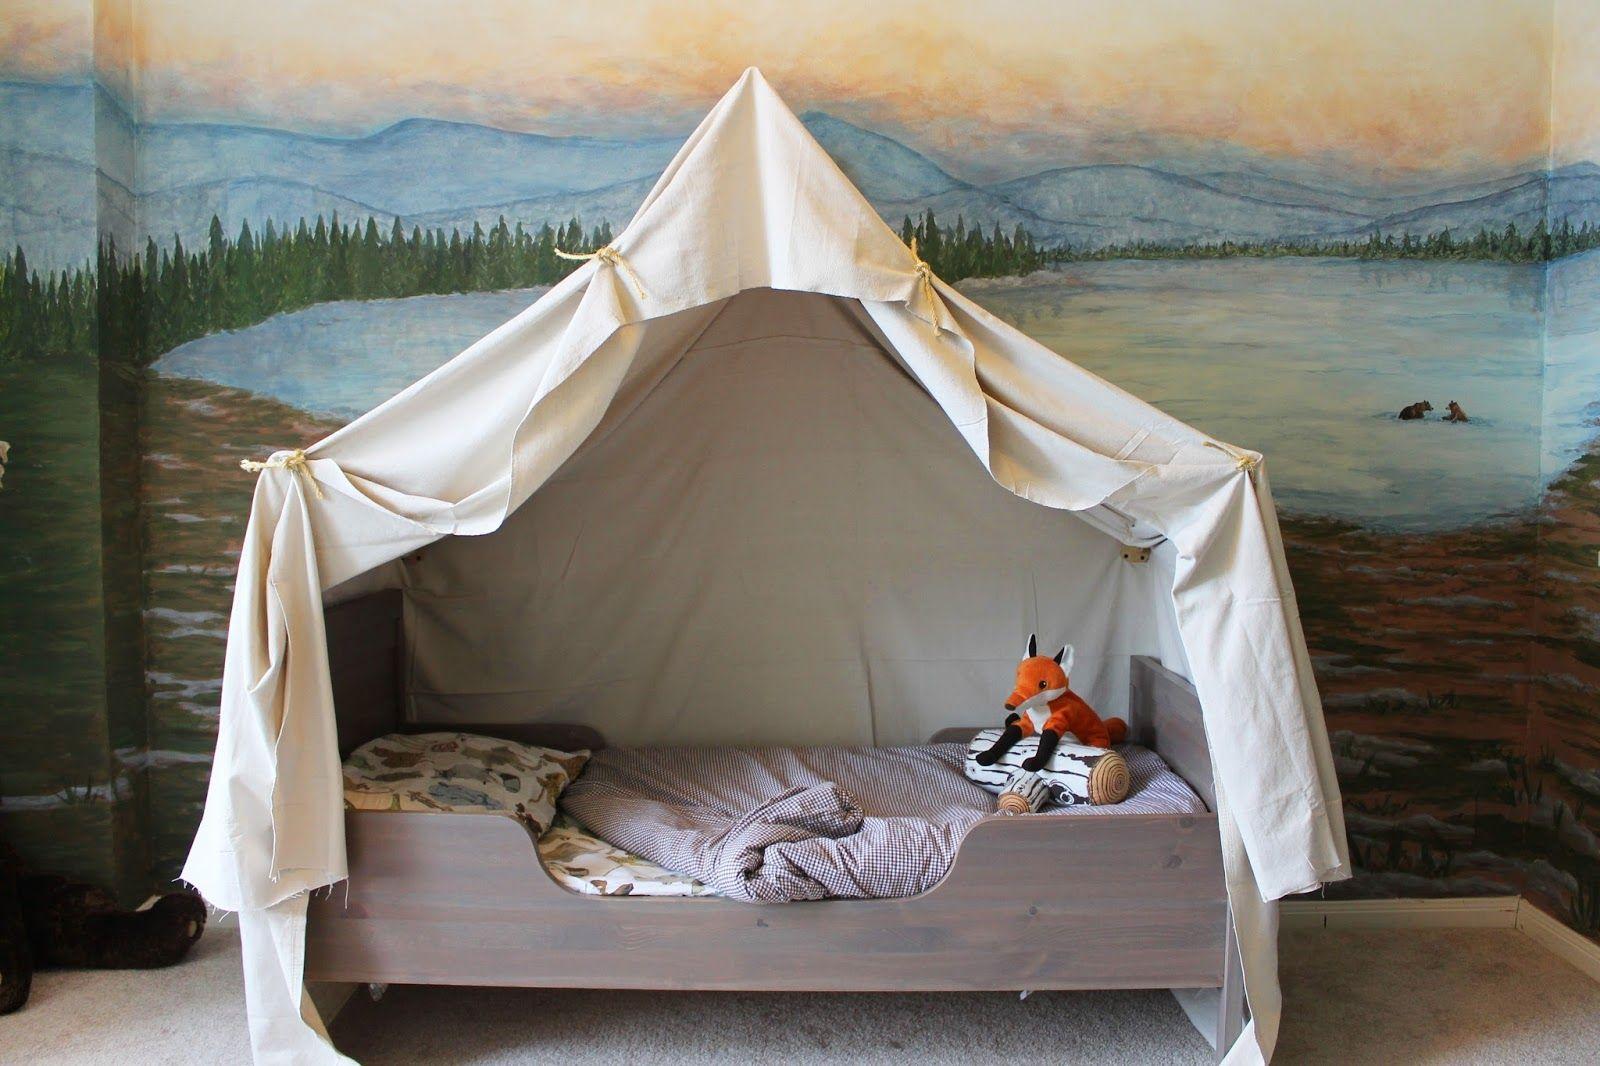 - Bett Zelt Twin Kleinkind - Bett Zelt Twin Design Für Kinder